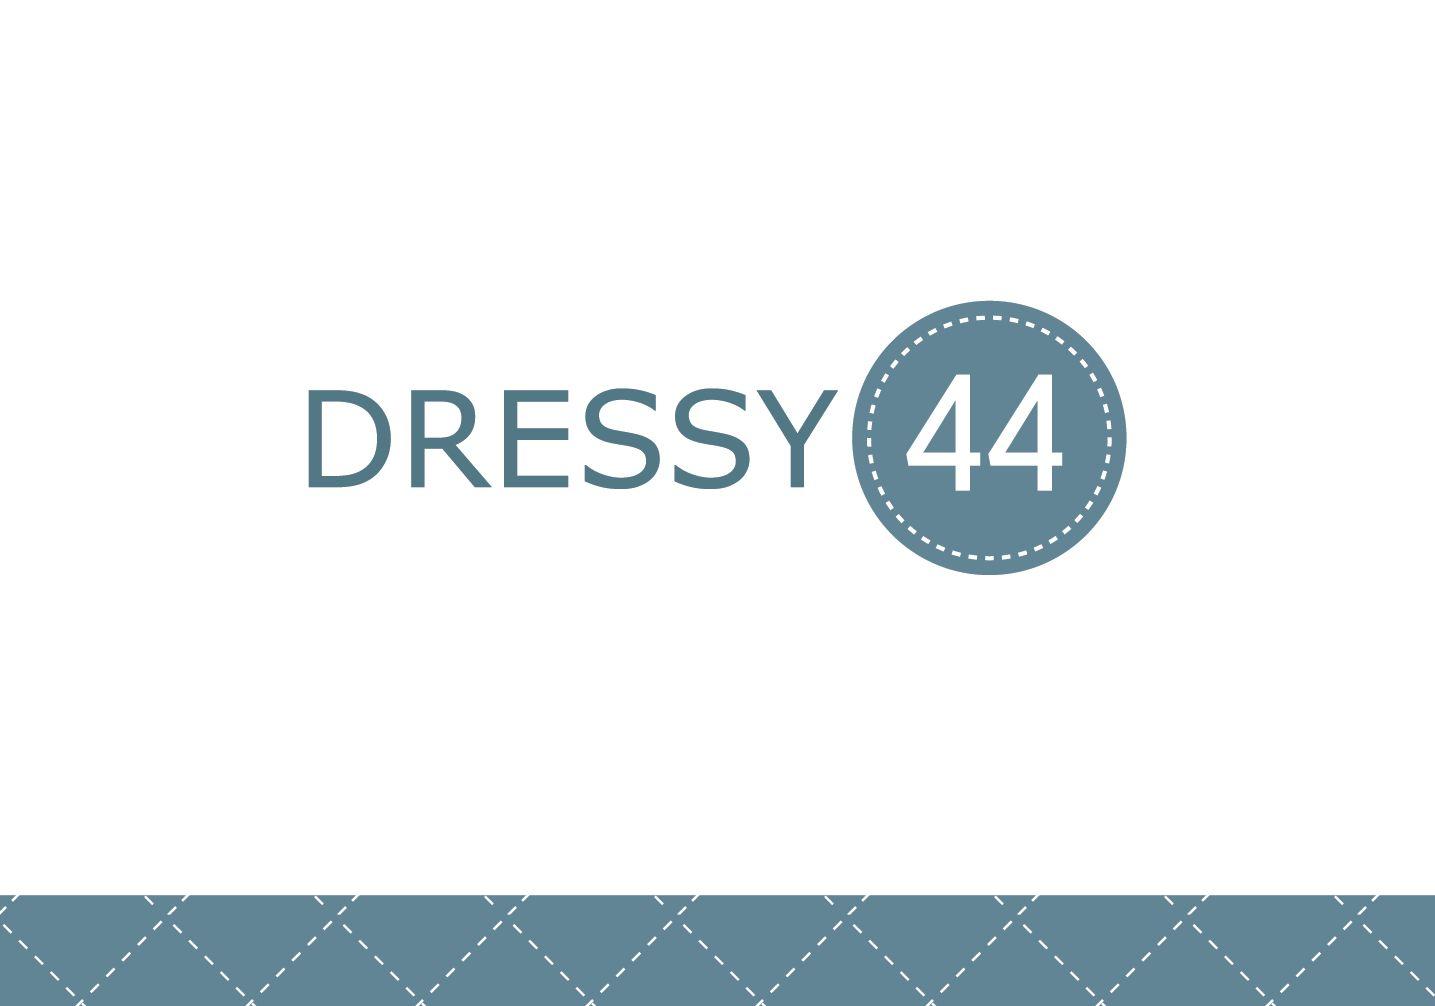 разработка логотипа _производство платьев - дизайнер andyul